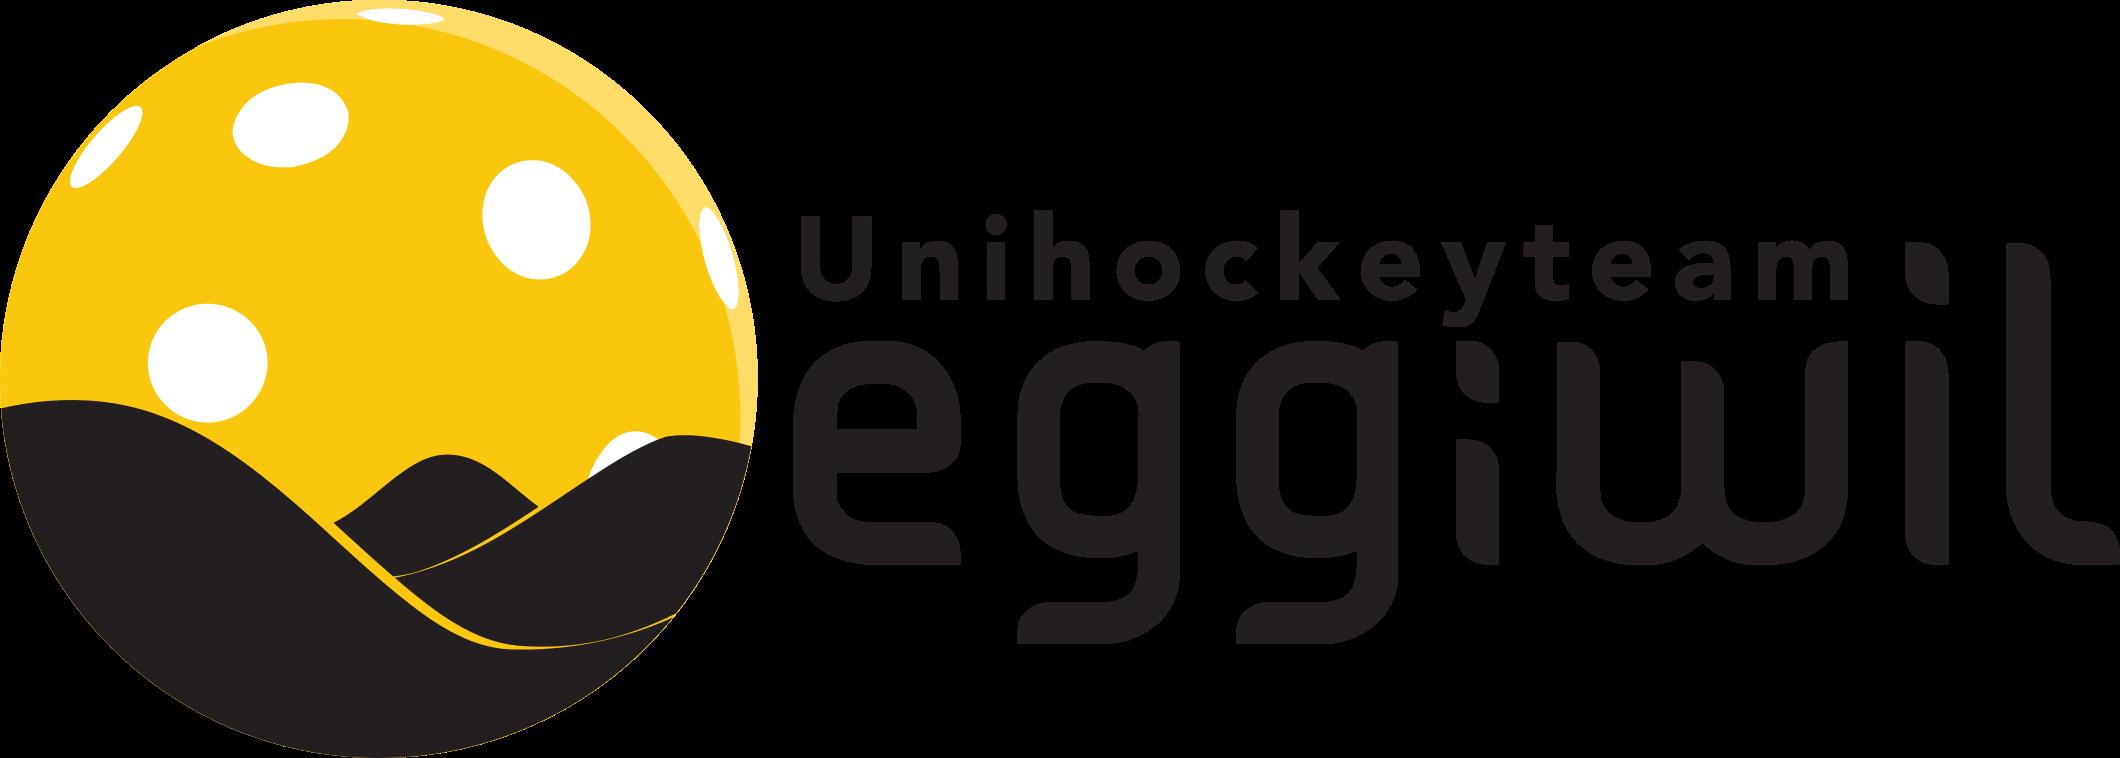 01_UHT_Eggiwil_Logo.jpg